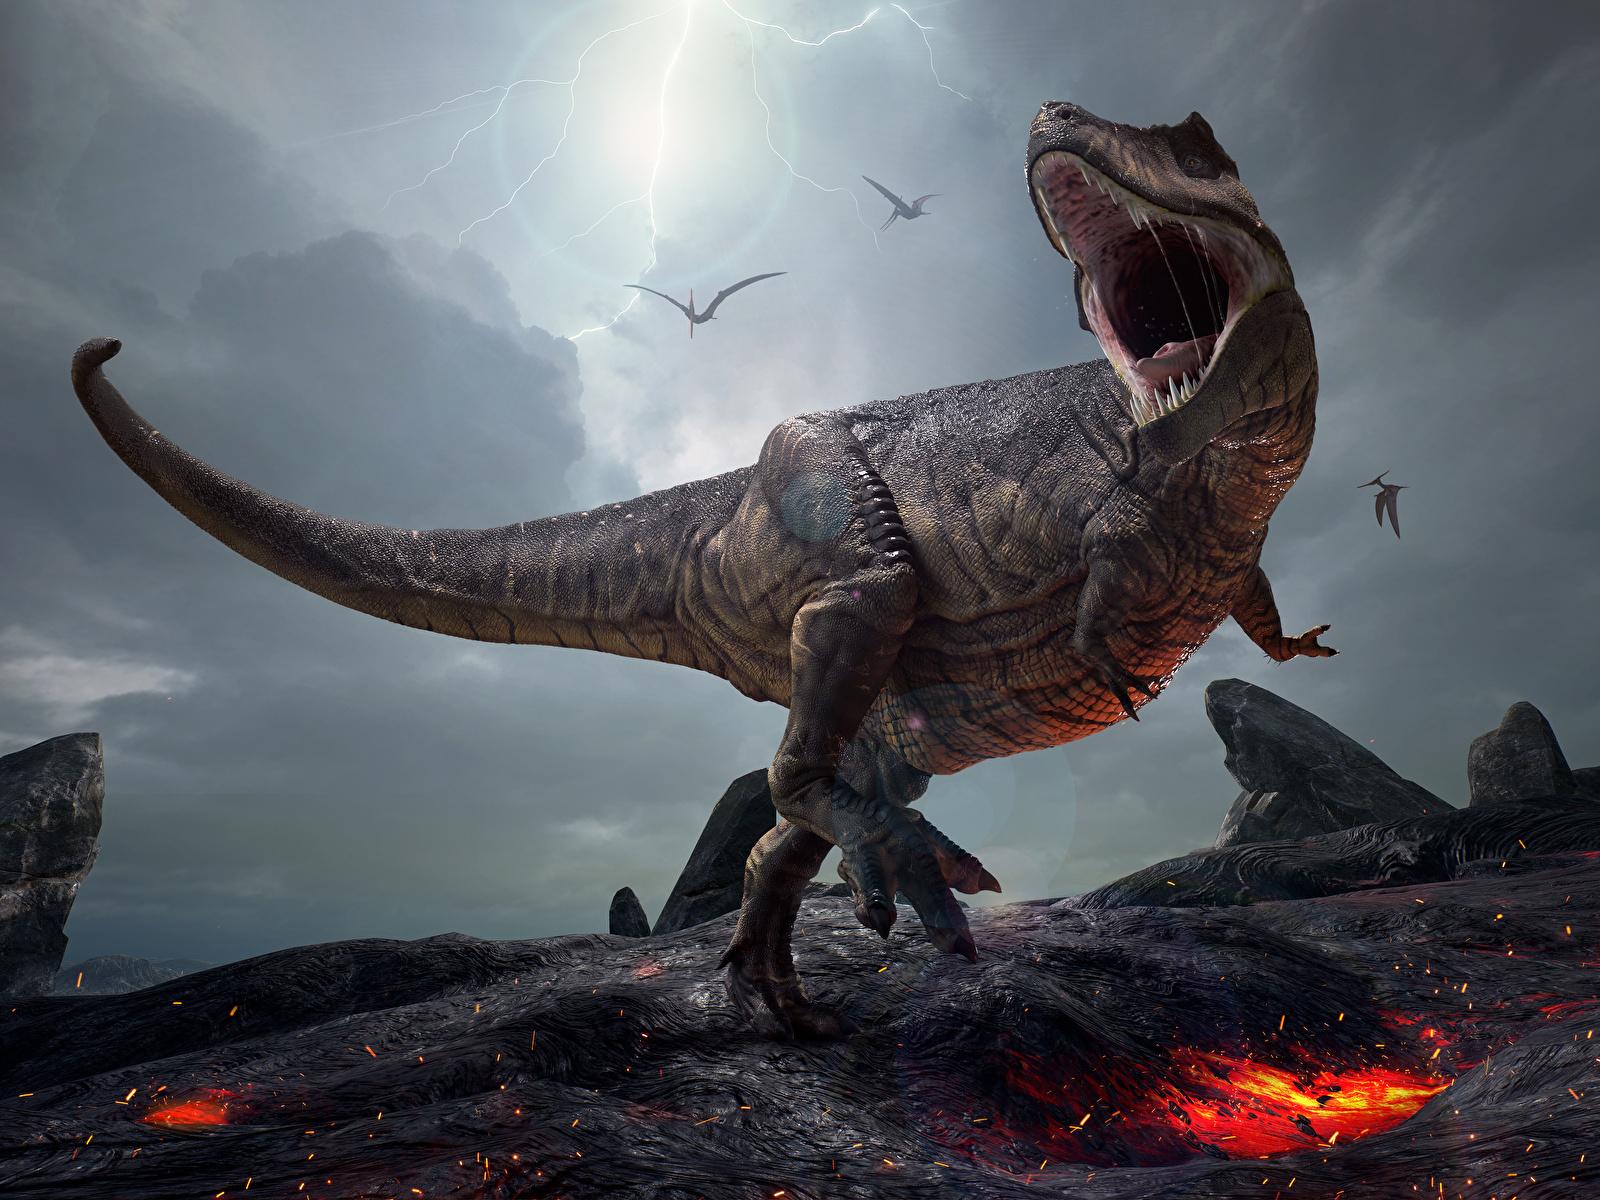 Фотография Тираннозавр рекс Динозавры 3д злость 1600x1200 динозавр 3D Графика злой Оскал рычит